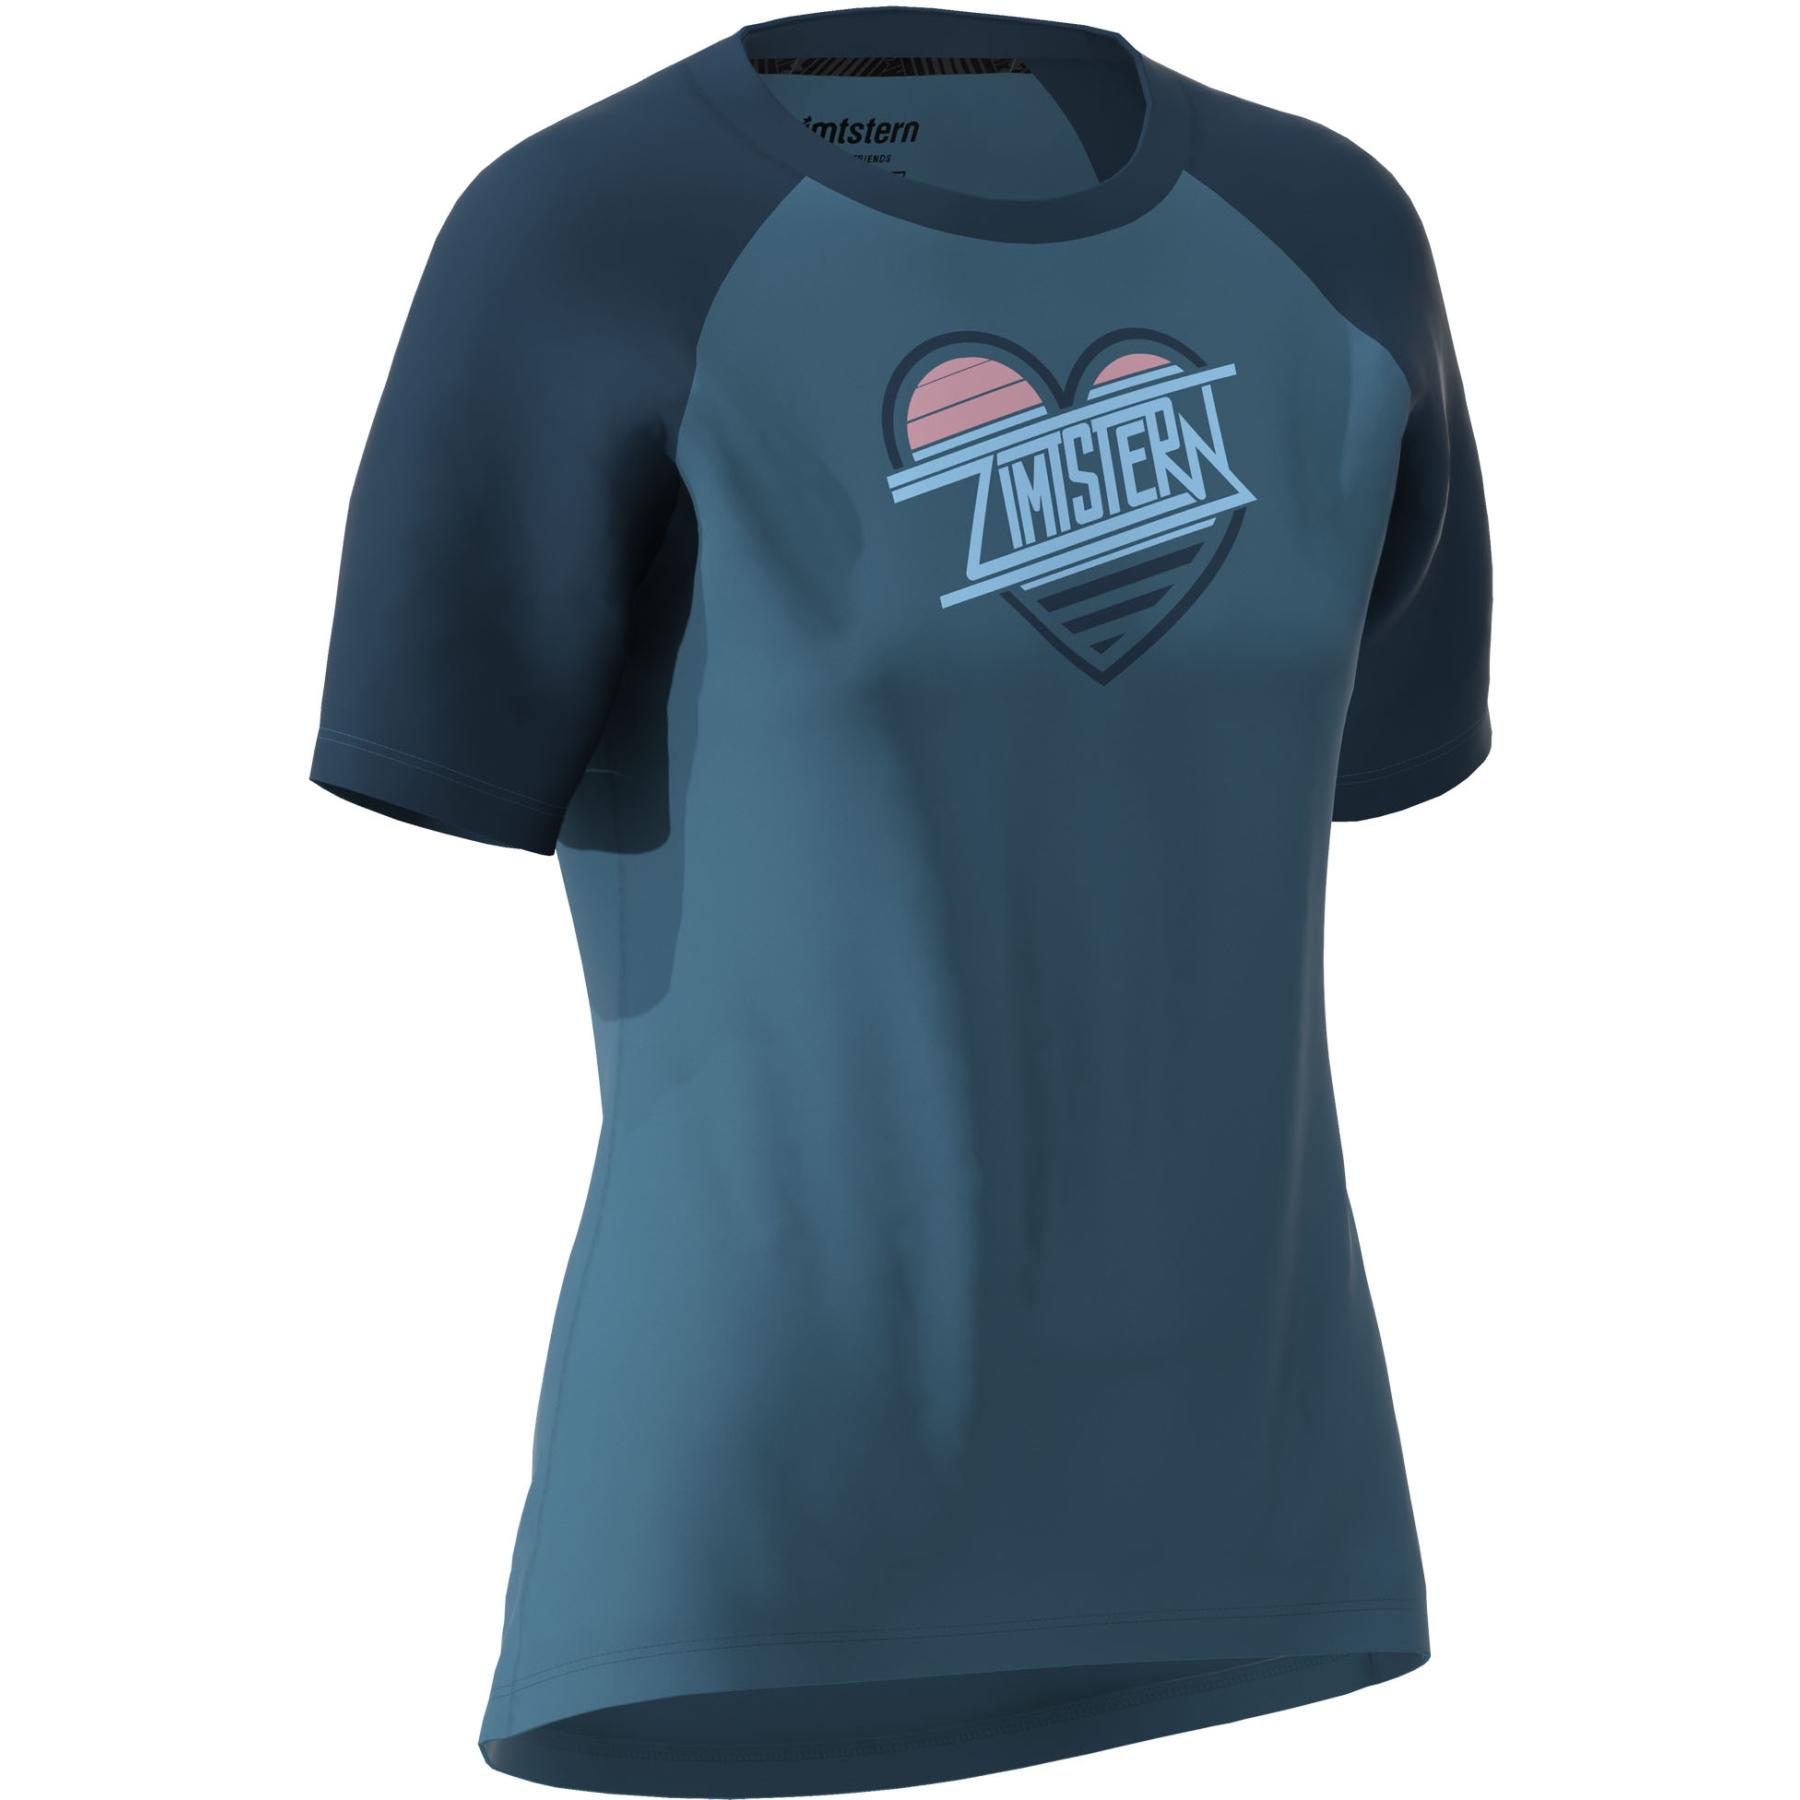 Bild von Zimtstern Heartz T-Shirt Damen - blue steel/french navy